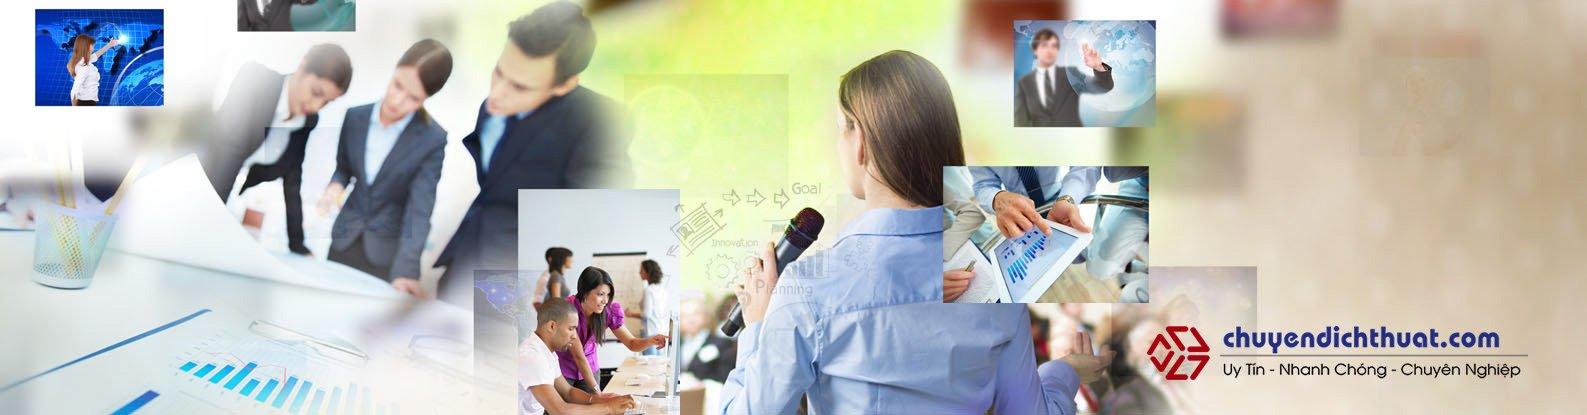 Dịch vụ Dịch thuật - Phiên dịch chuyên nghiệp